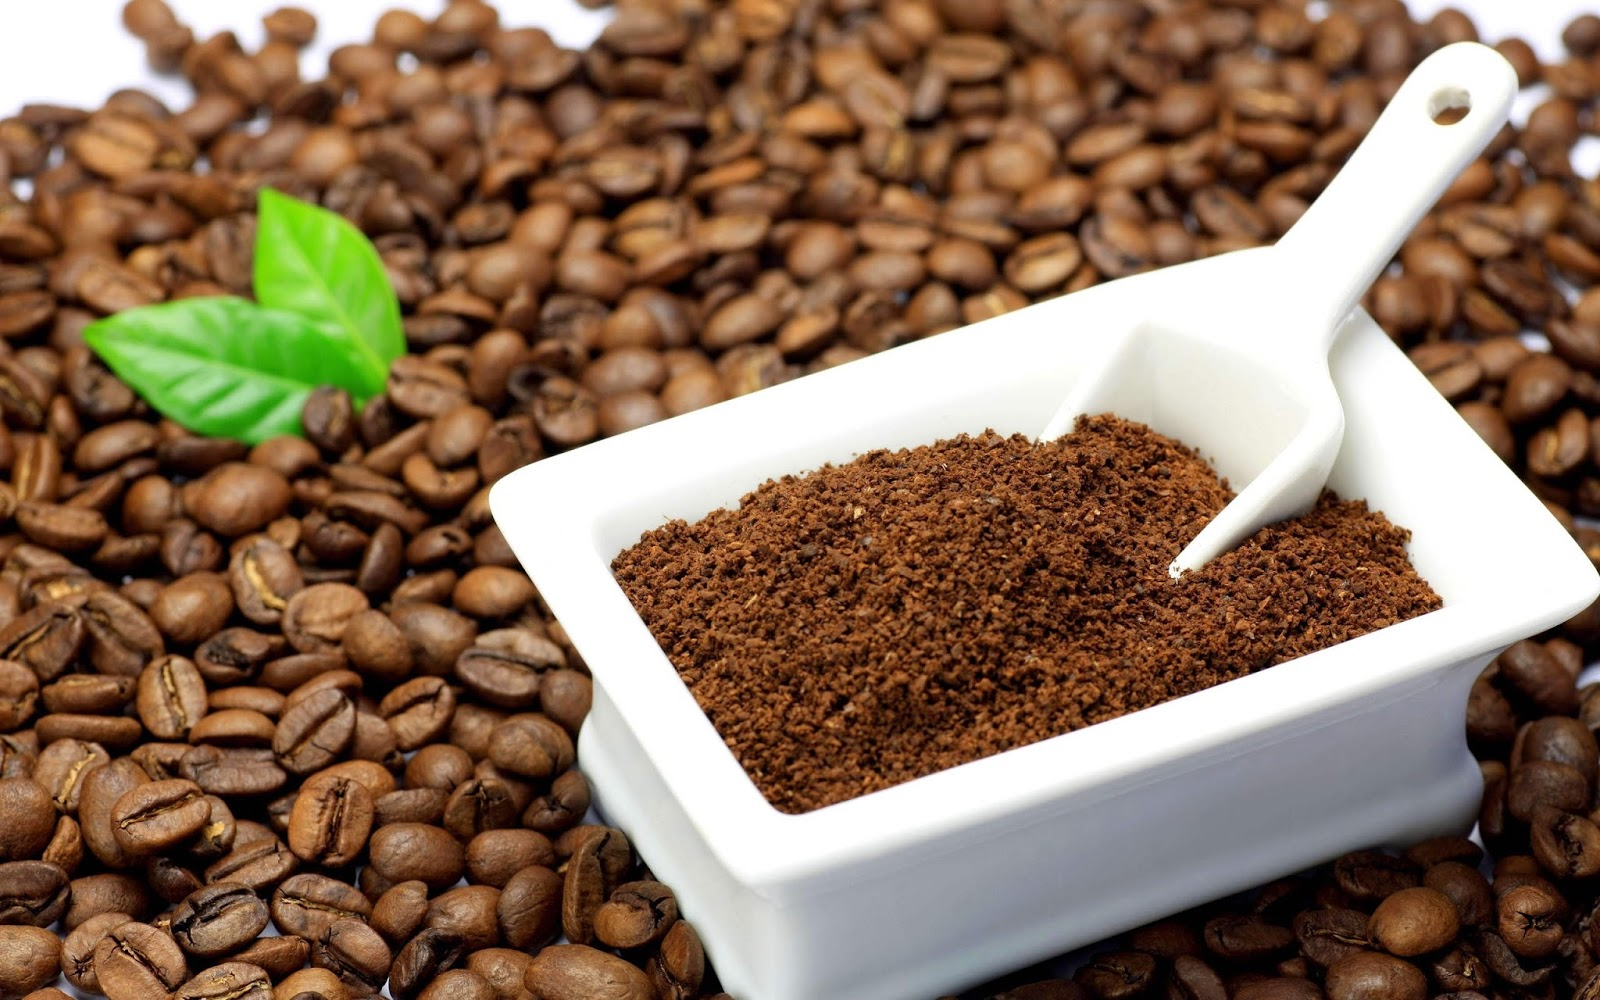 Giá cà phê hôm nay 25/9: Arabica tăng vọt kéo giới đầu cơ tập trung về sàn New York